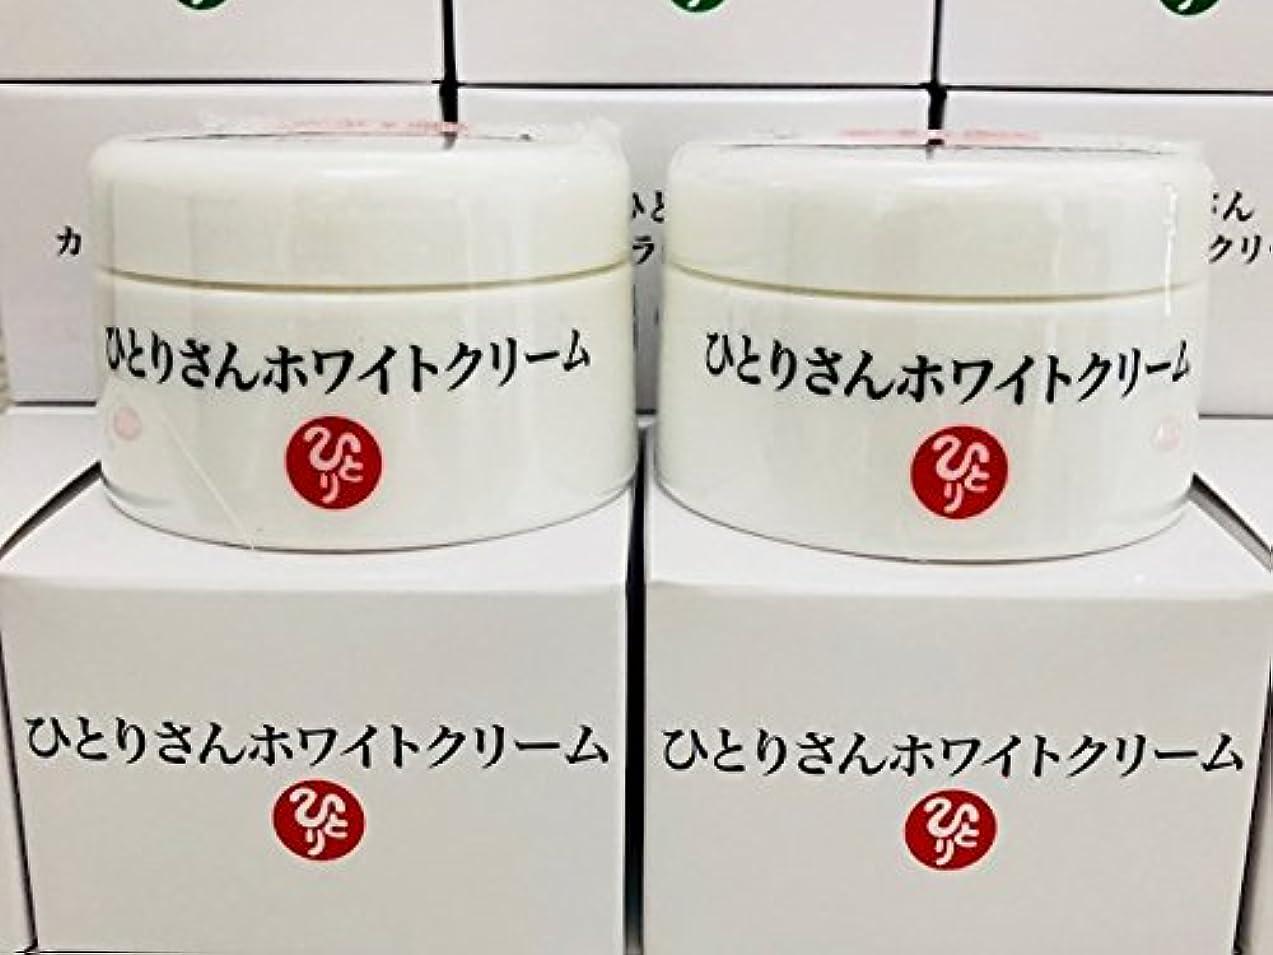 平均聴覚障害者建設銀座まるかん ひとりさんホワイトクリーム 2個セット 【只今 ひとりさんの詩 ポストカードプレゼント中で~す?】